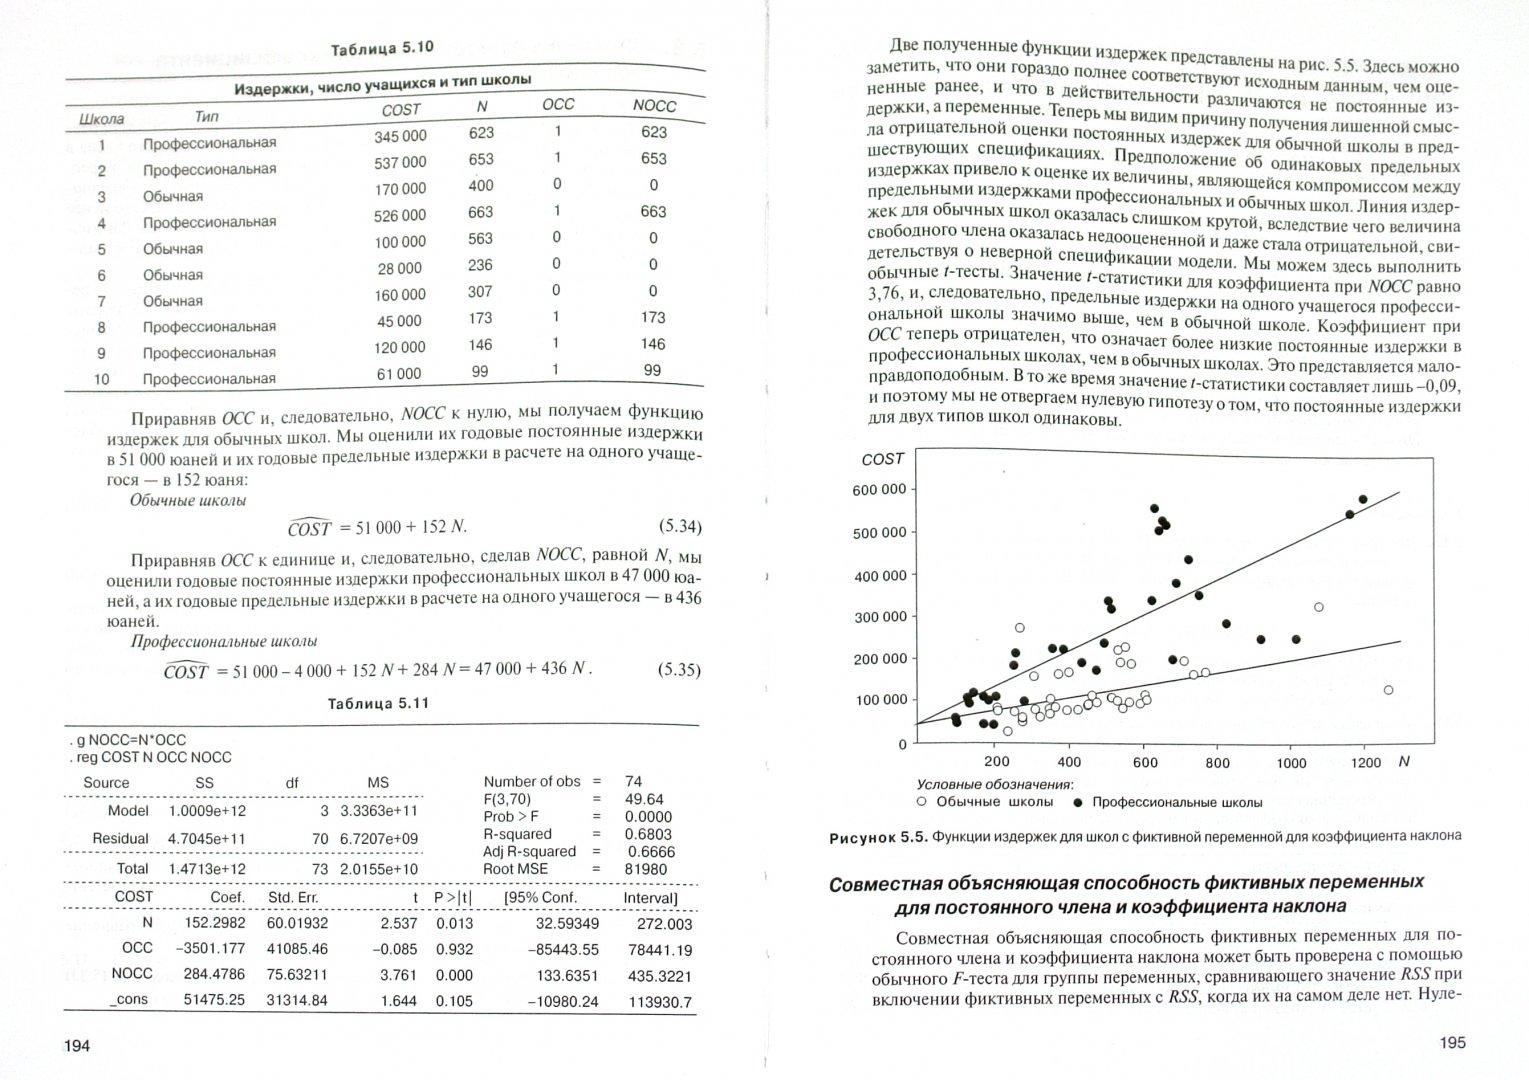 Иллюстрация 1 из 11 для Введение в эконометрику - Кристофер Доугерти | Лабиринт - книги. Источник: Лабиринт